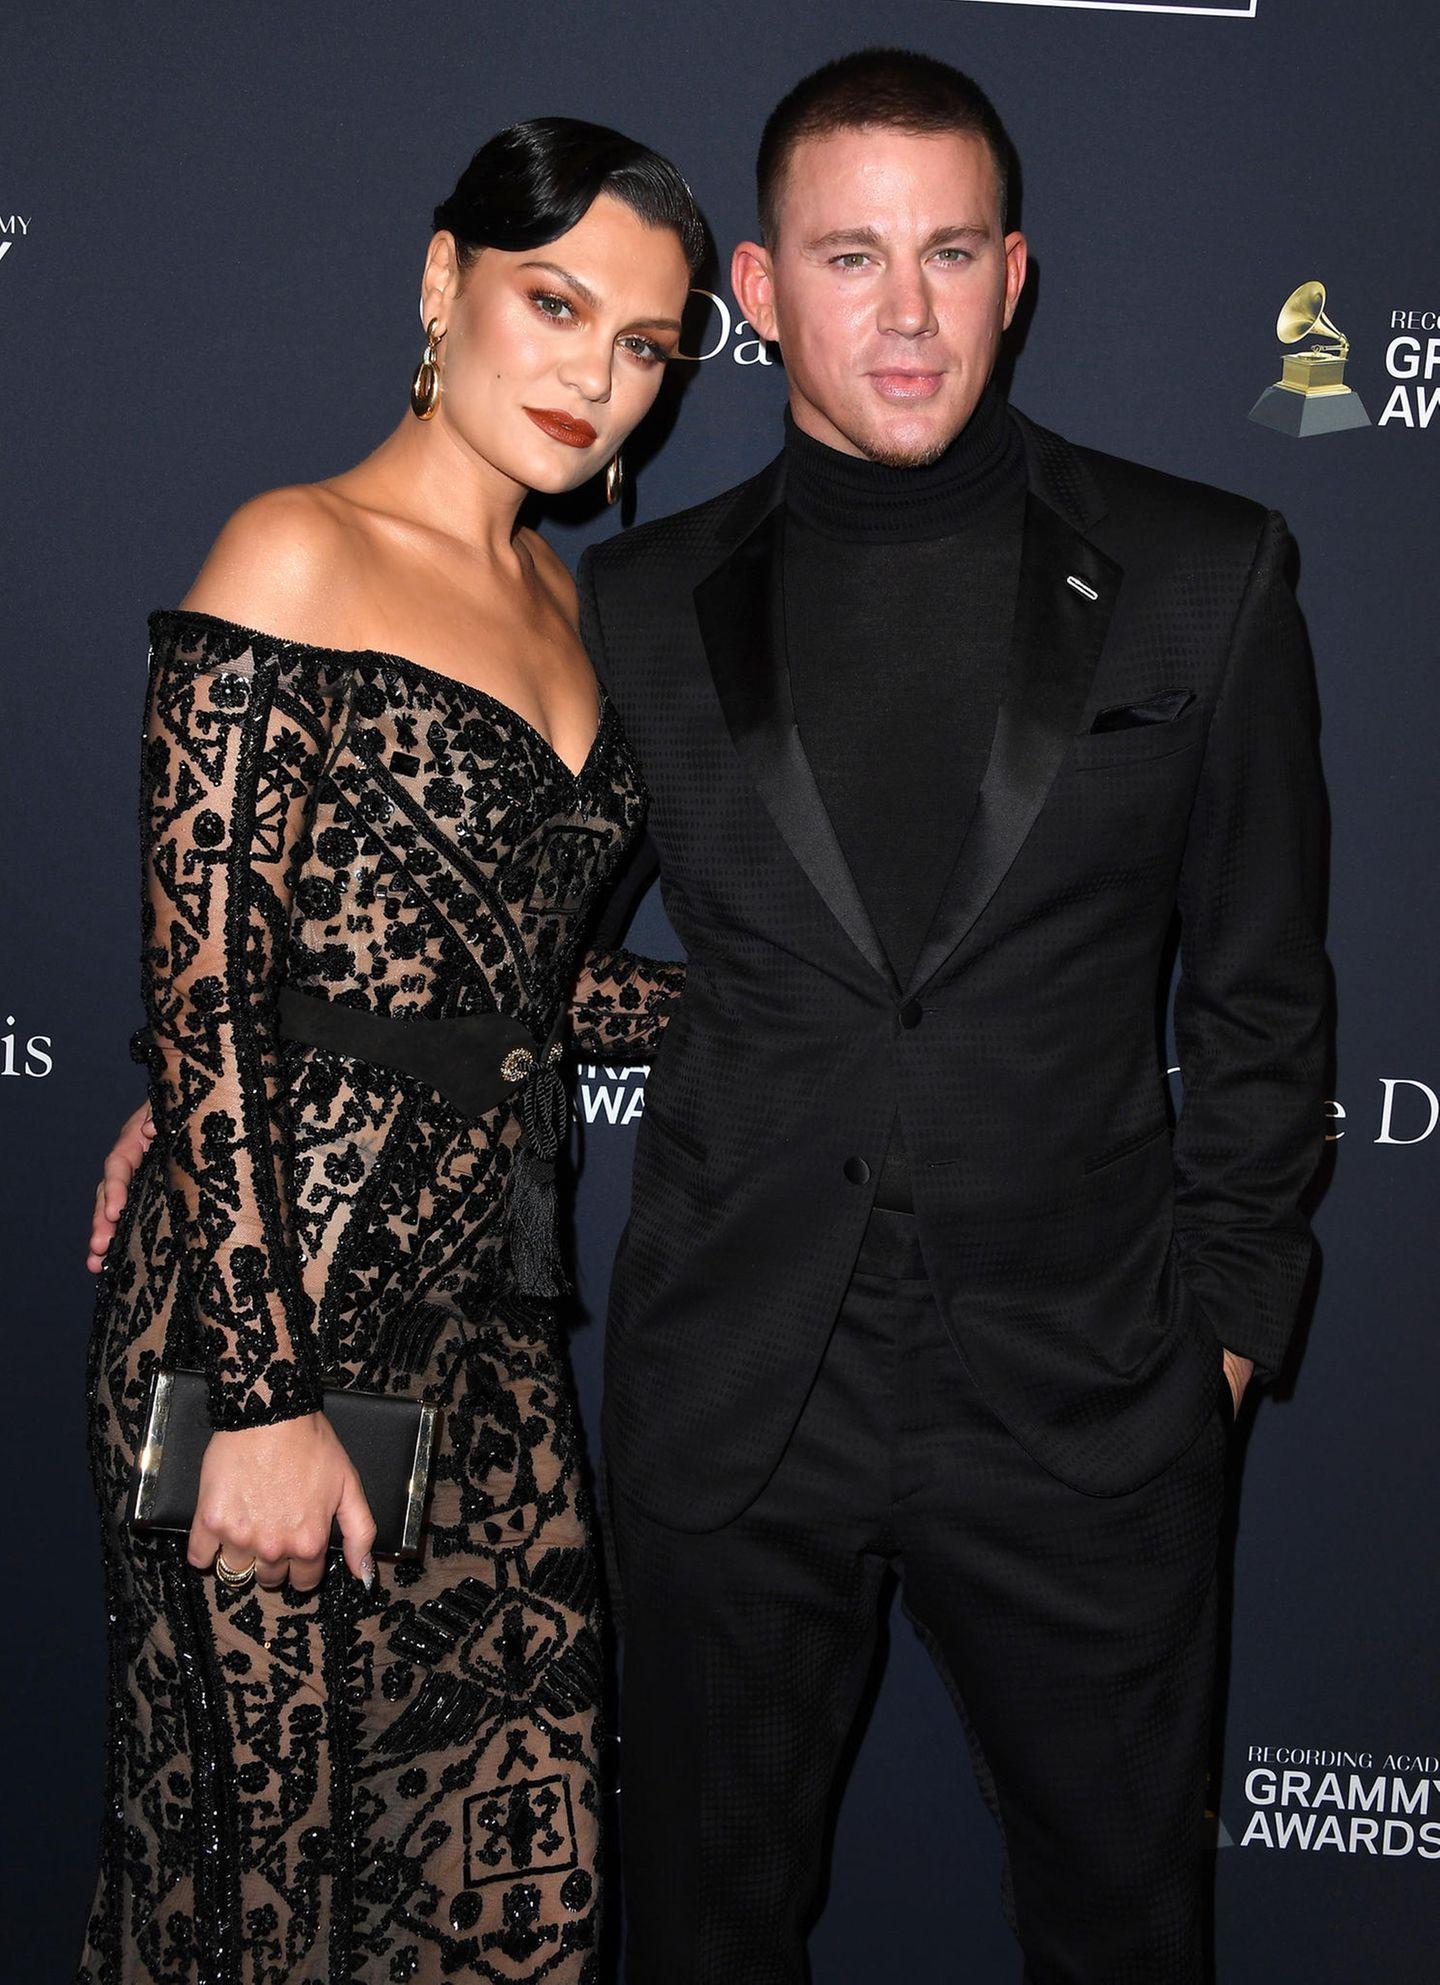 Promi-Trennungen 2020: Jessie J. und Channing Tatum